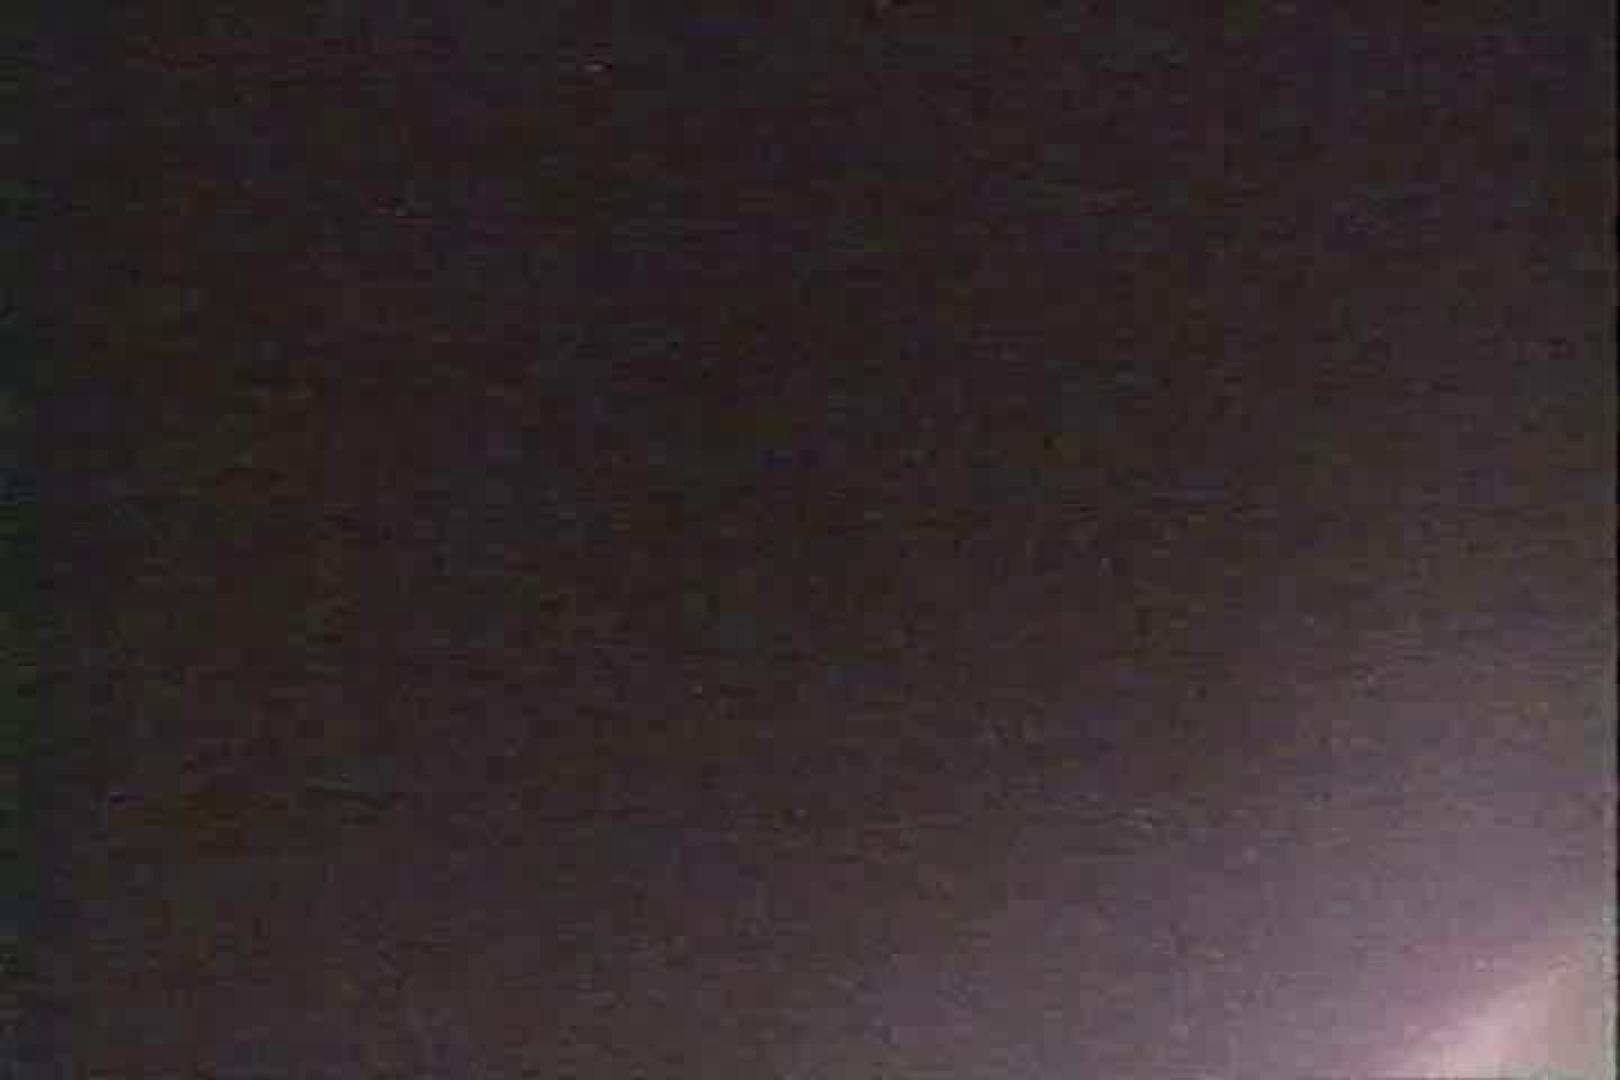 「ちくりん」さんのオリジナル未編集パンチラVol.1_01 チラ  95画像 45